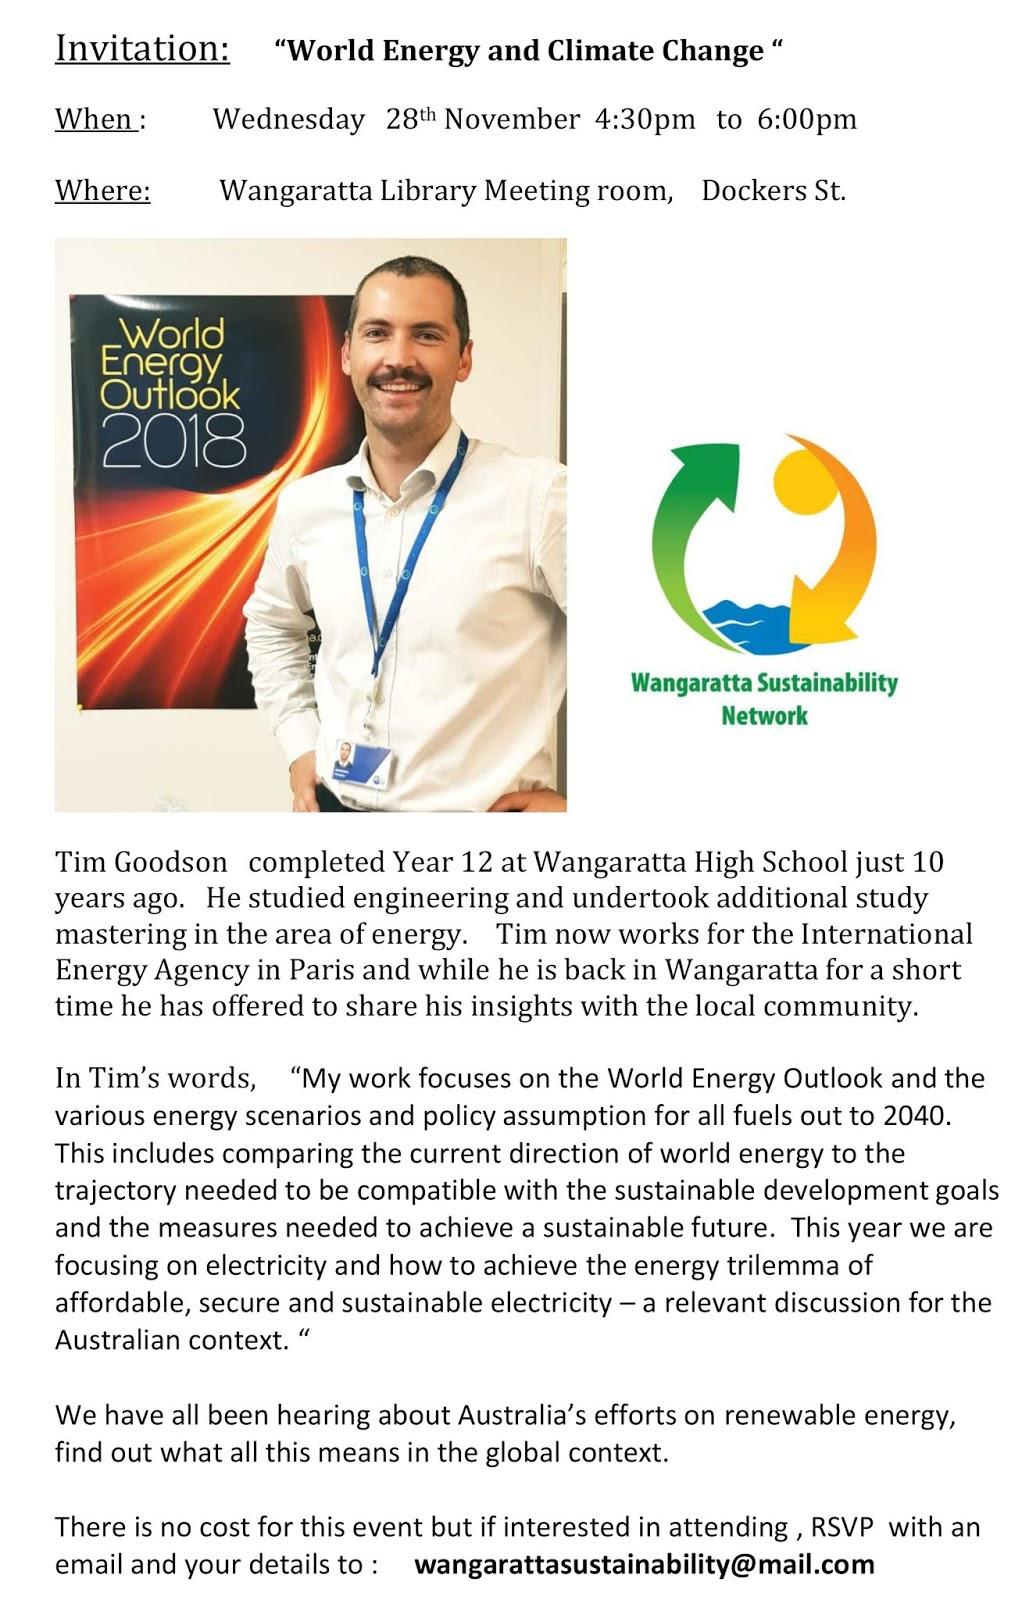 wangarattasustainability@mail.com